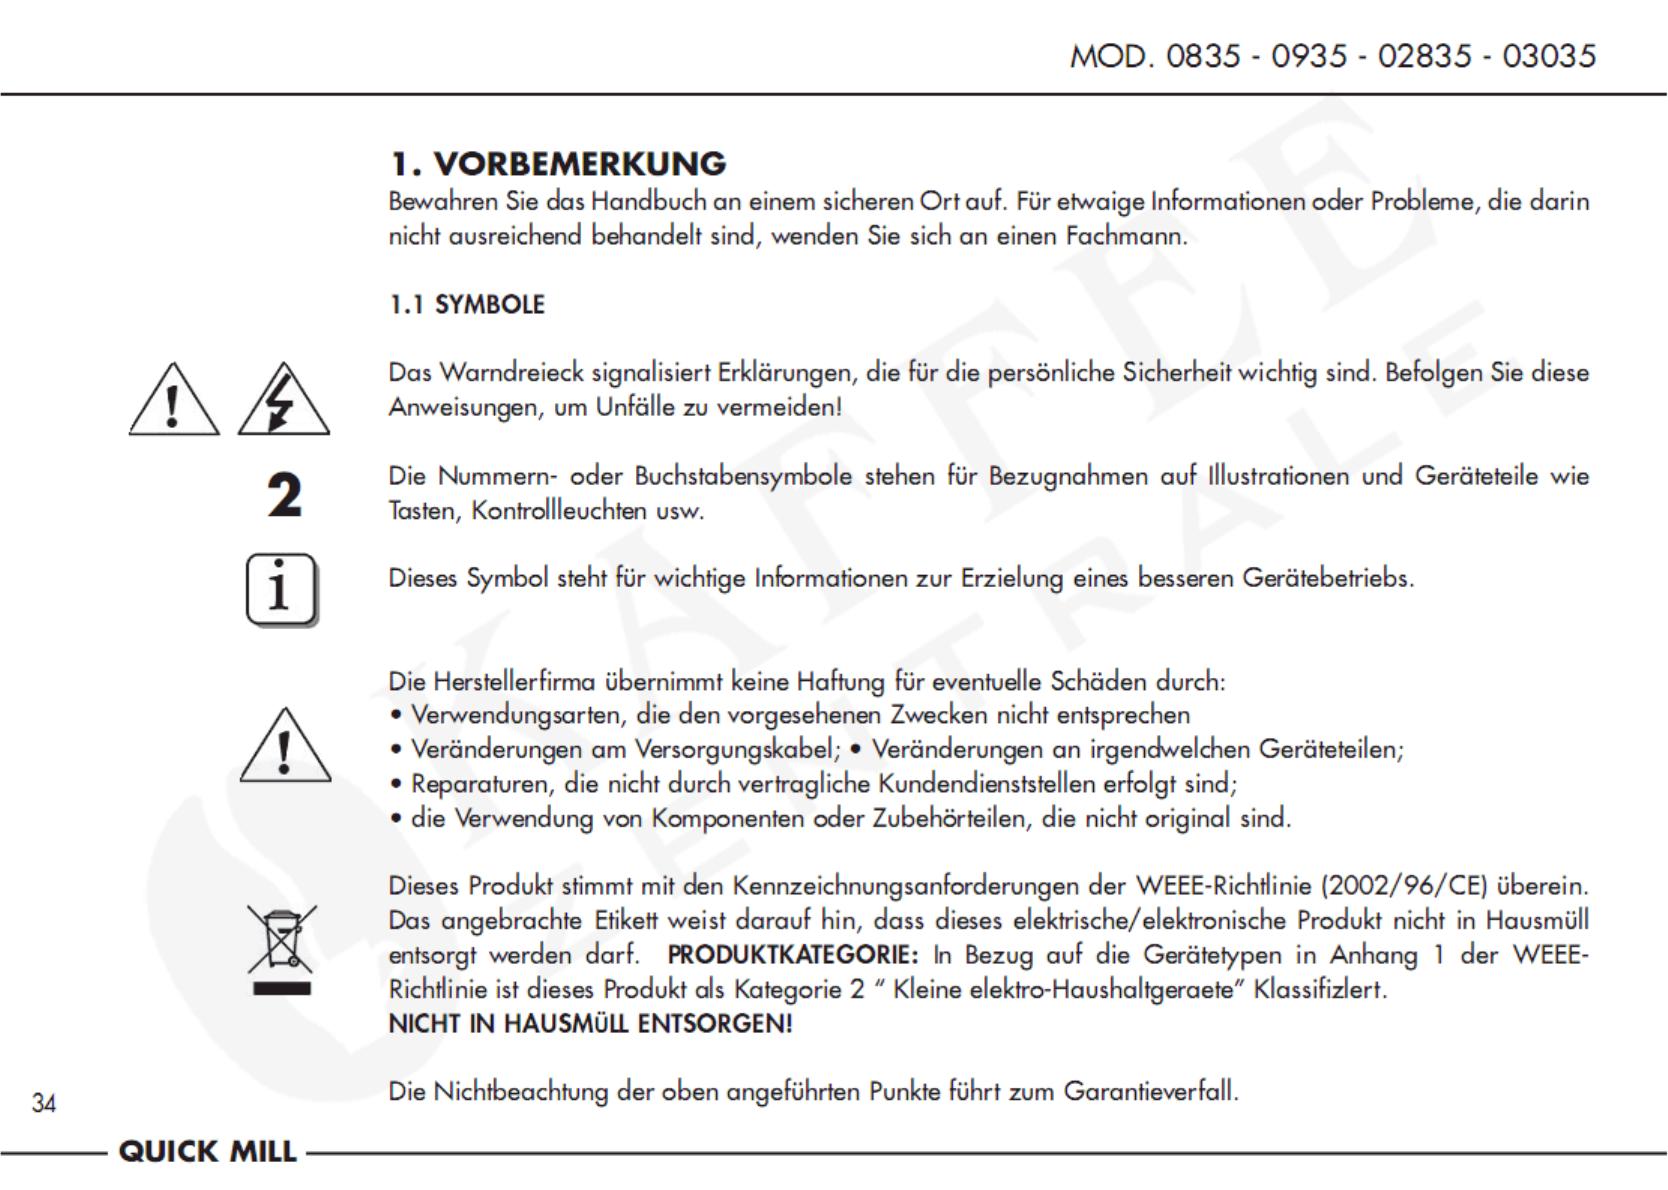 Charmant Elektrische Elektronische Symbole Ideen - Elektrische ...